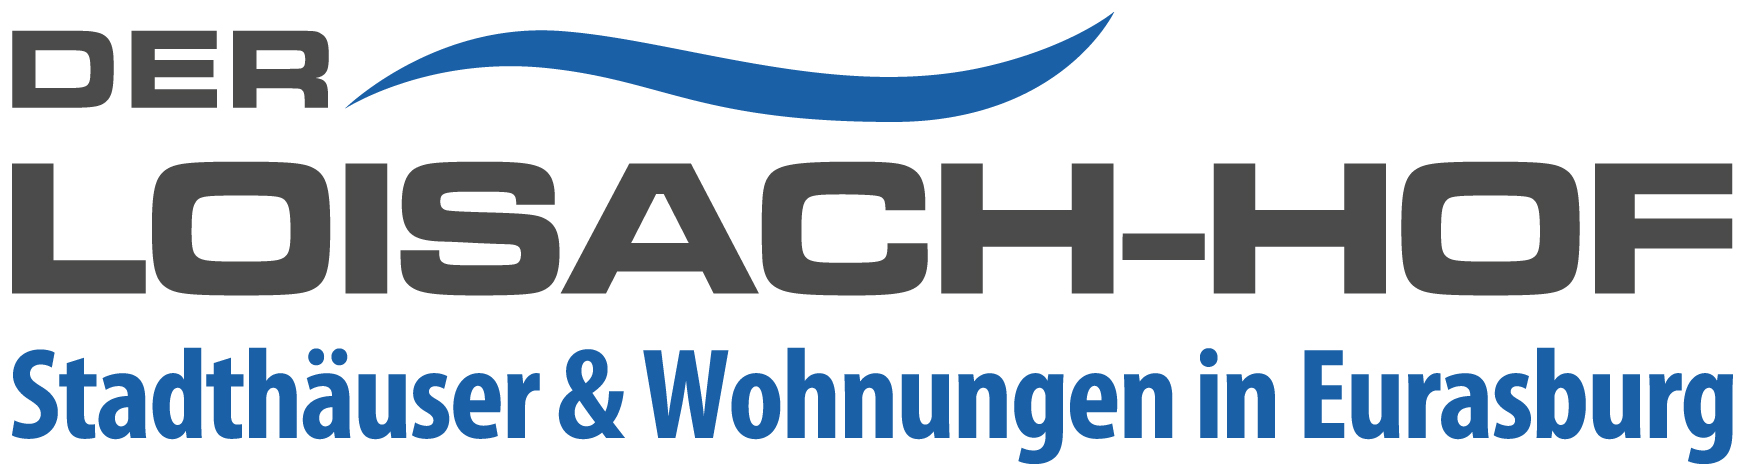 Loisach-Hof Eurasburg